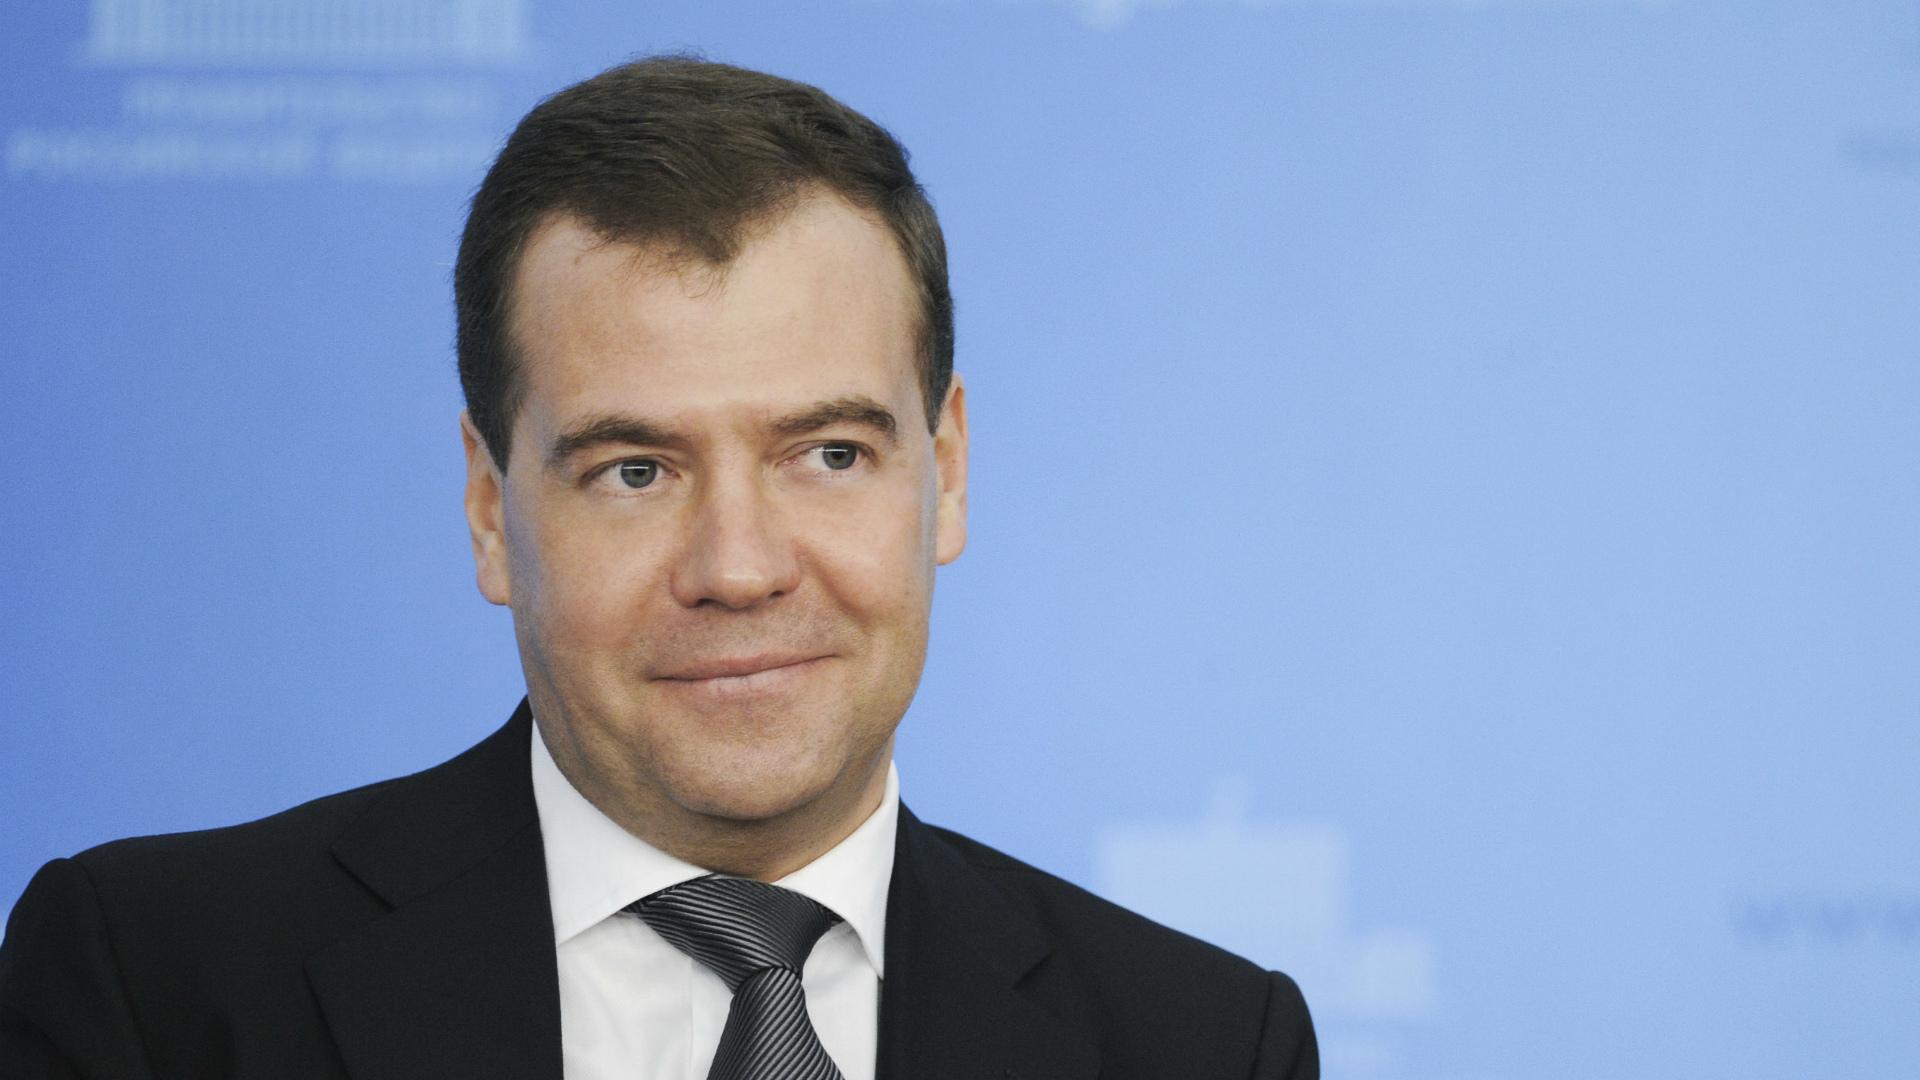 Лидером медиарейтинга мемов года стала фраза Медведева «Денег нет, однако выдержитесь»